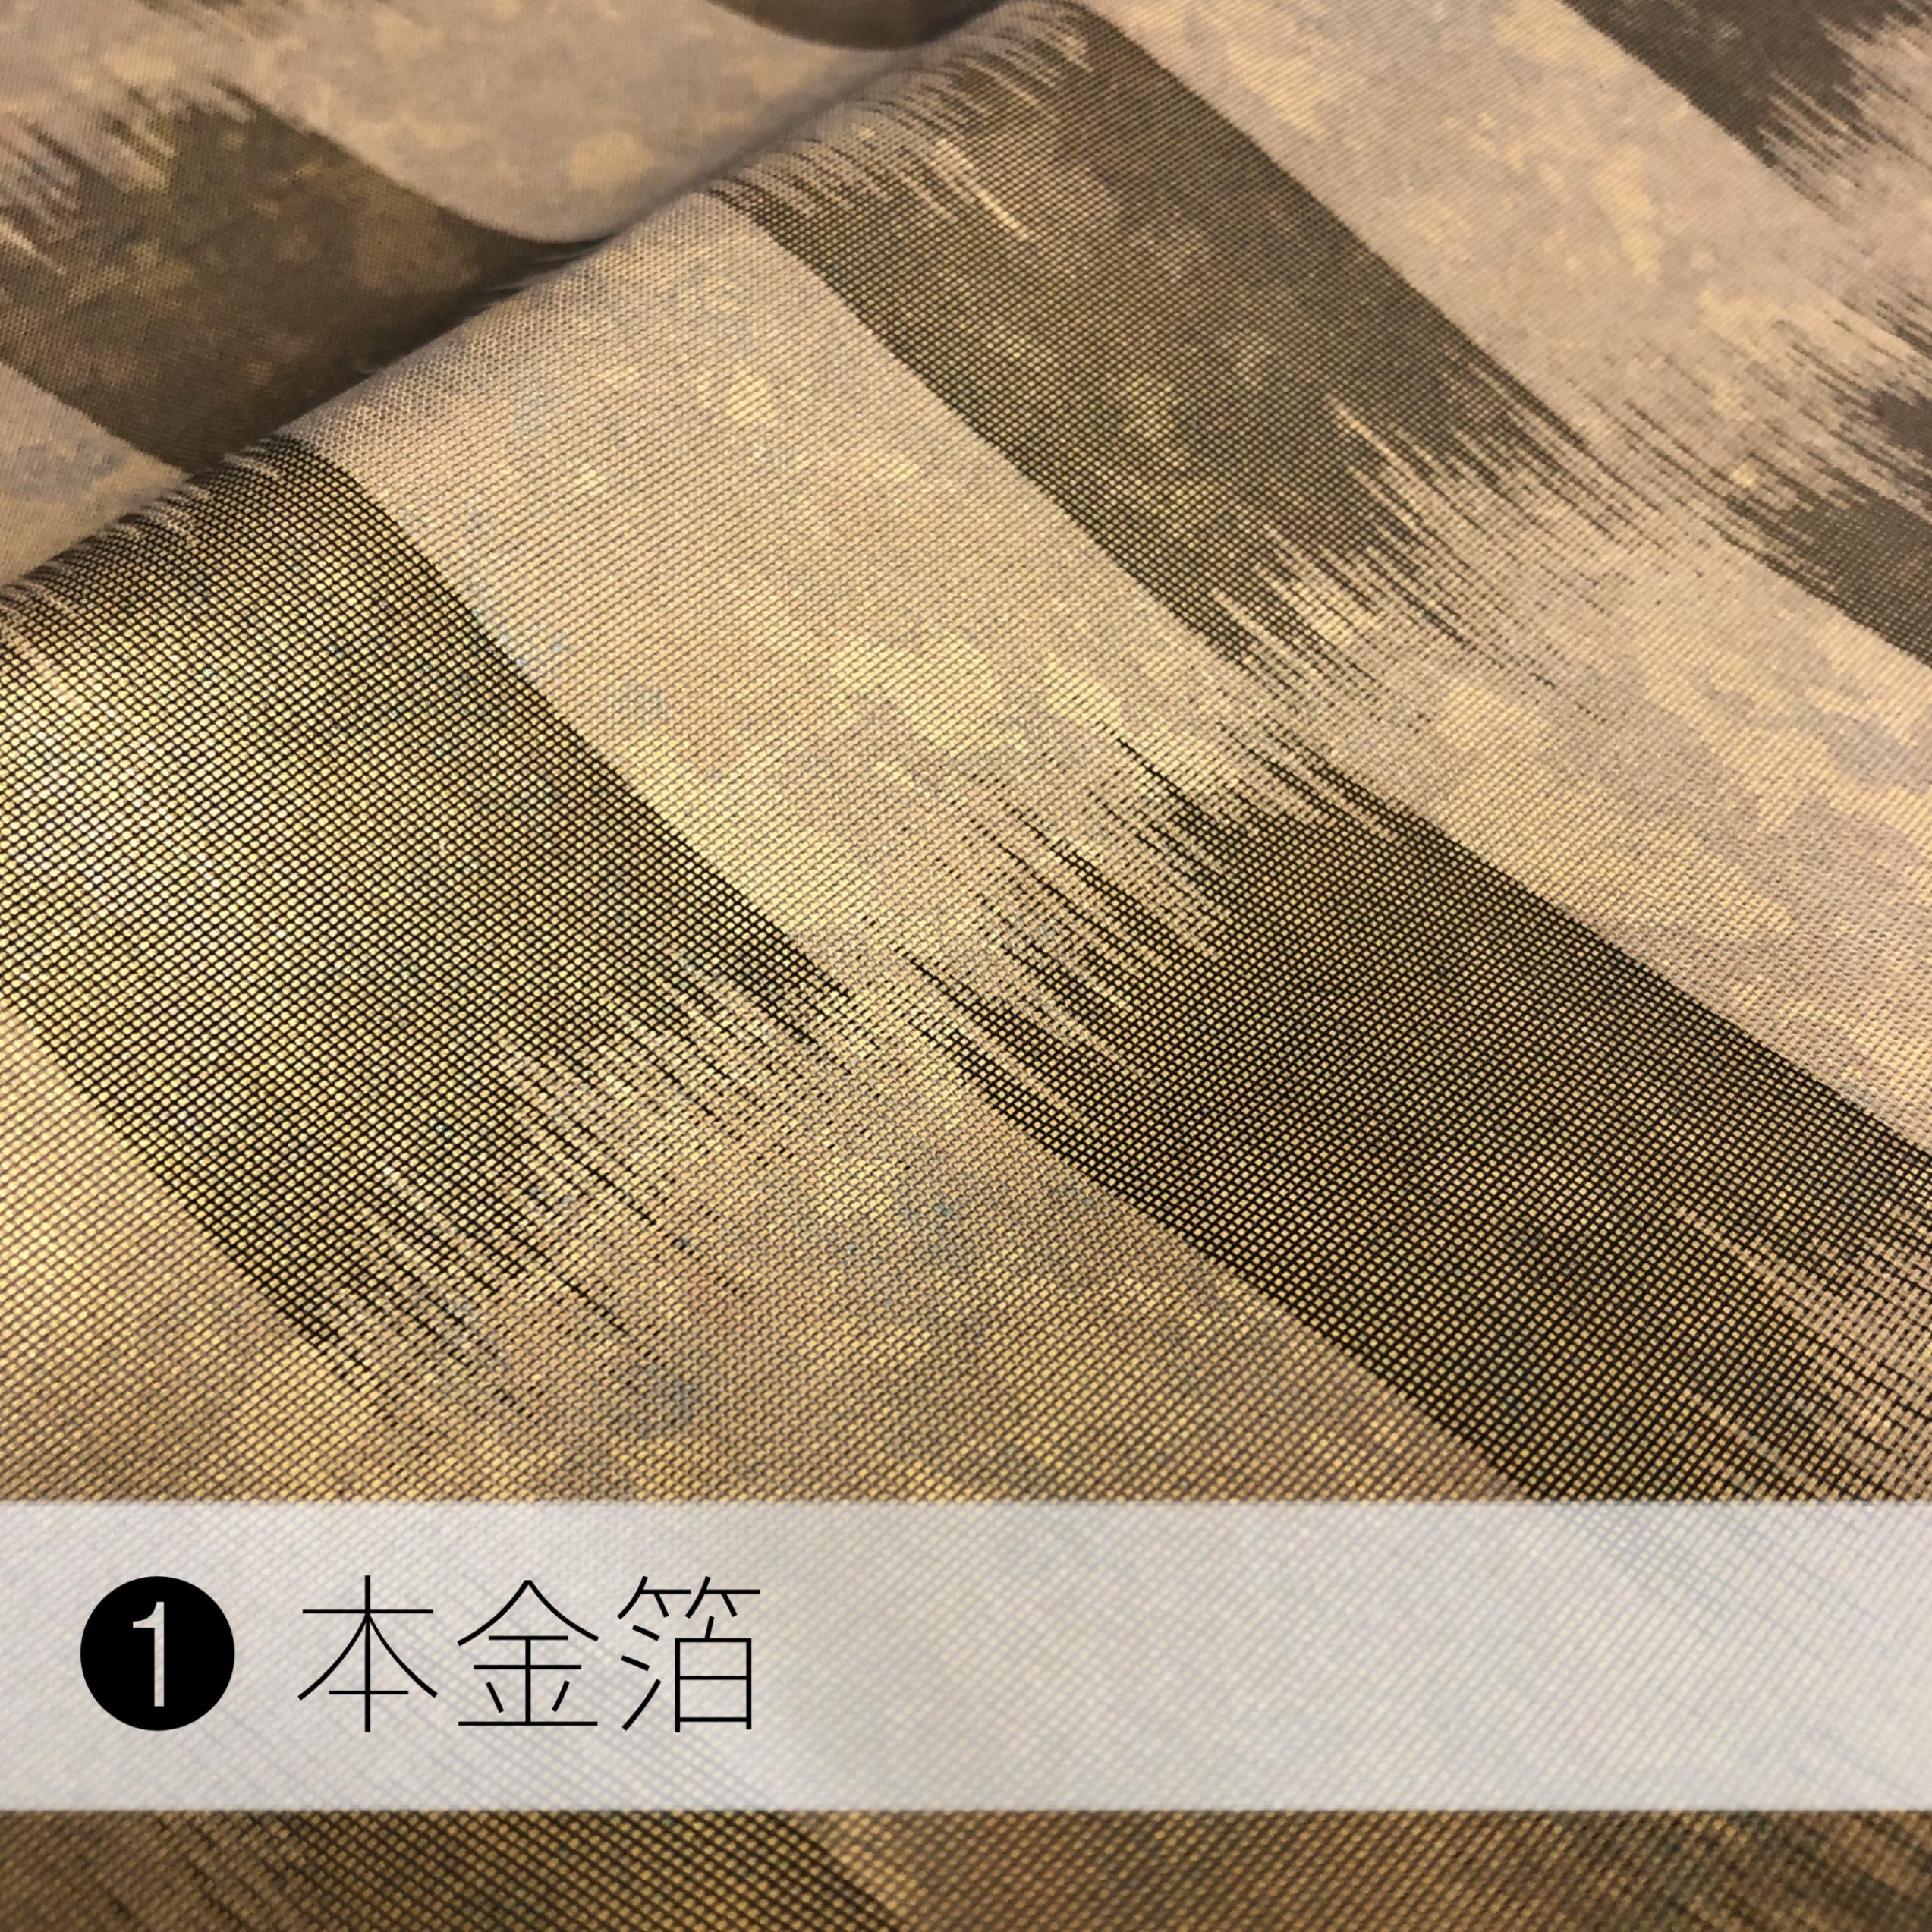 リッチバレッタ/最高級生地を使用!/本金箔/プラチナ箔/着物(浴衣/和装/和服)に似合うヘアアクセサリー